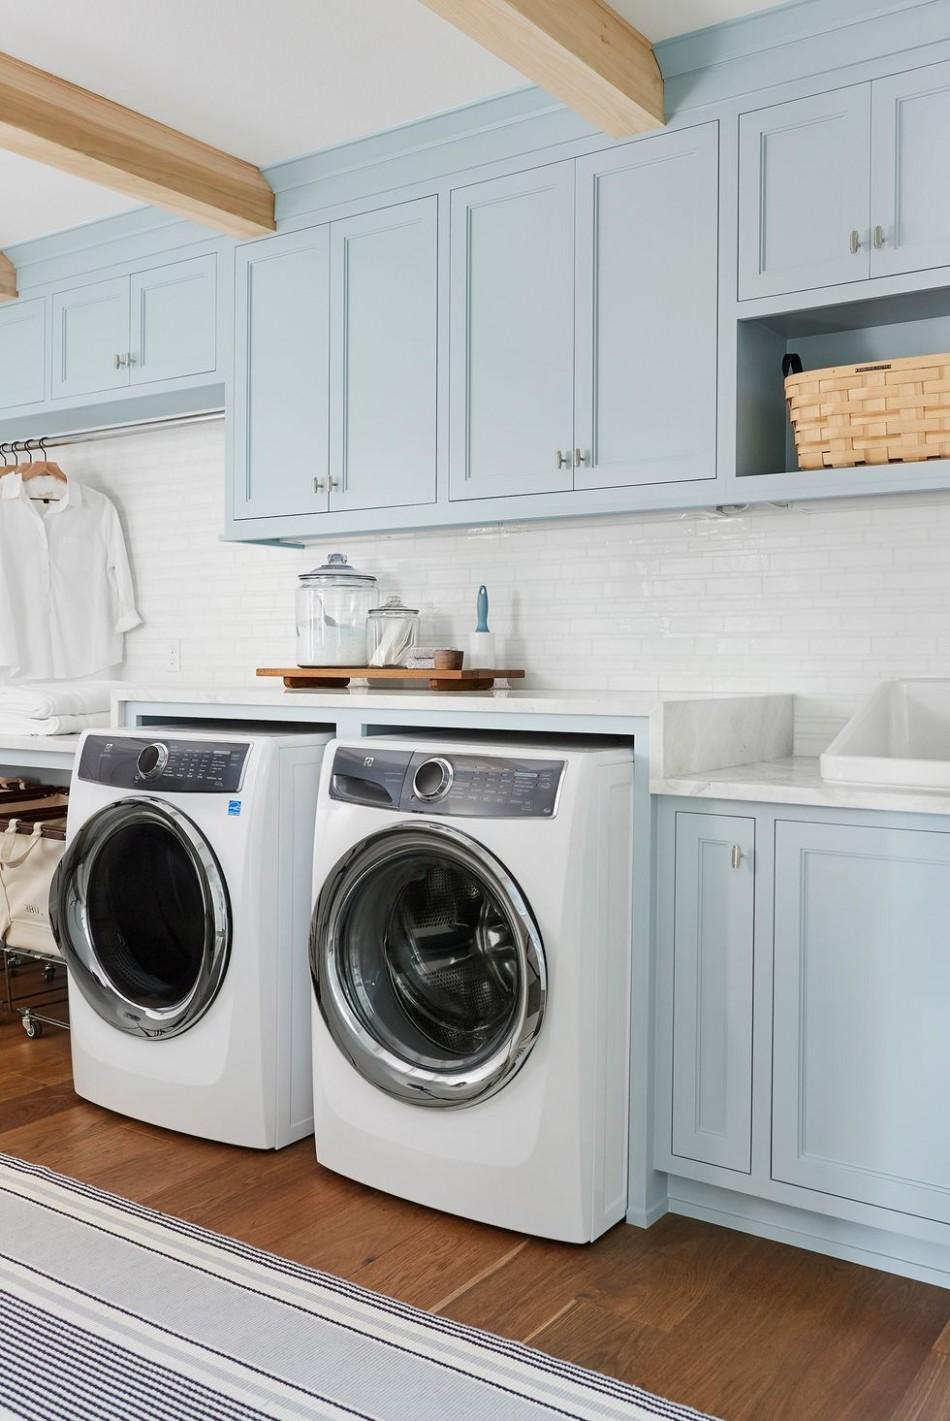 12 Small Laundry Room Ideas - Small Laundry Room Storage Tips - Laundry Room Near Bedrooms